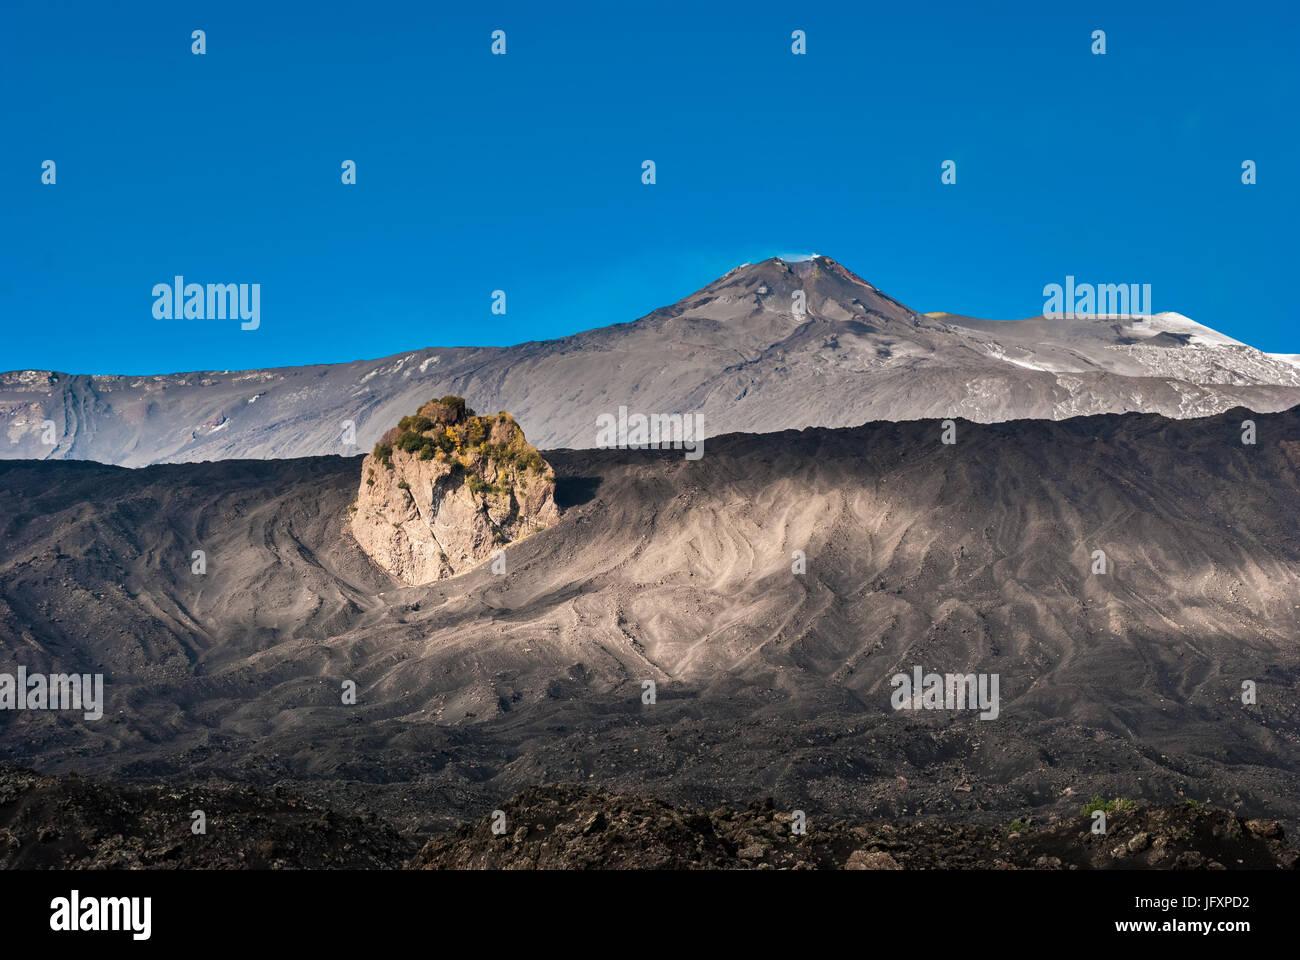 Gipfelkrater des Vulkans Ätna gesehen von der östlichen Flanke Stockbild